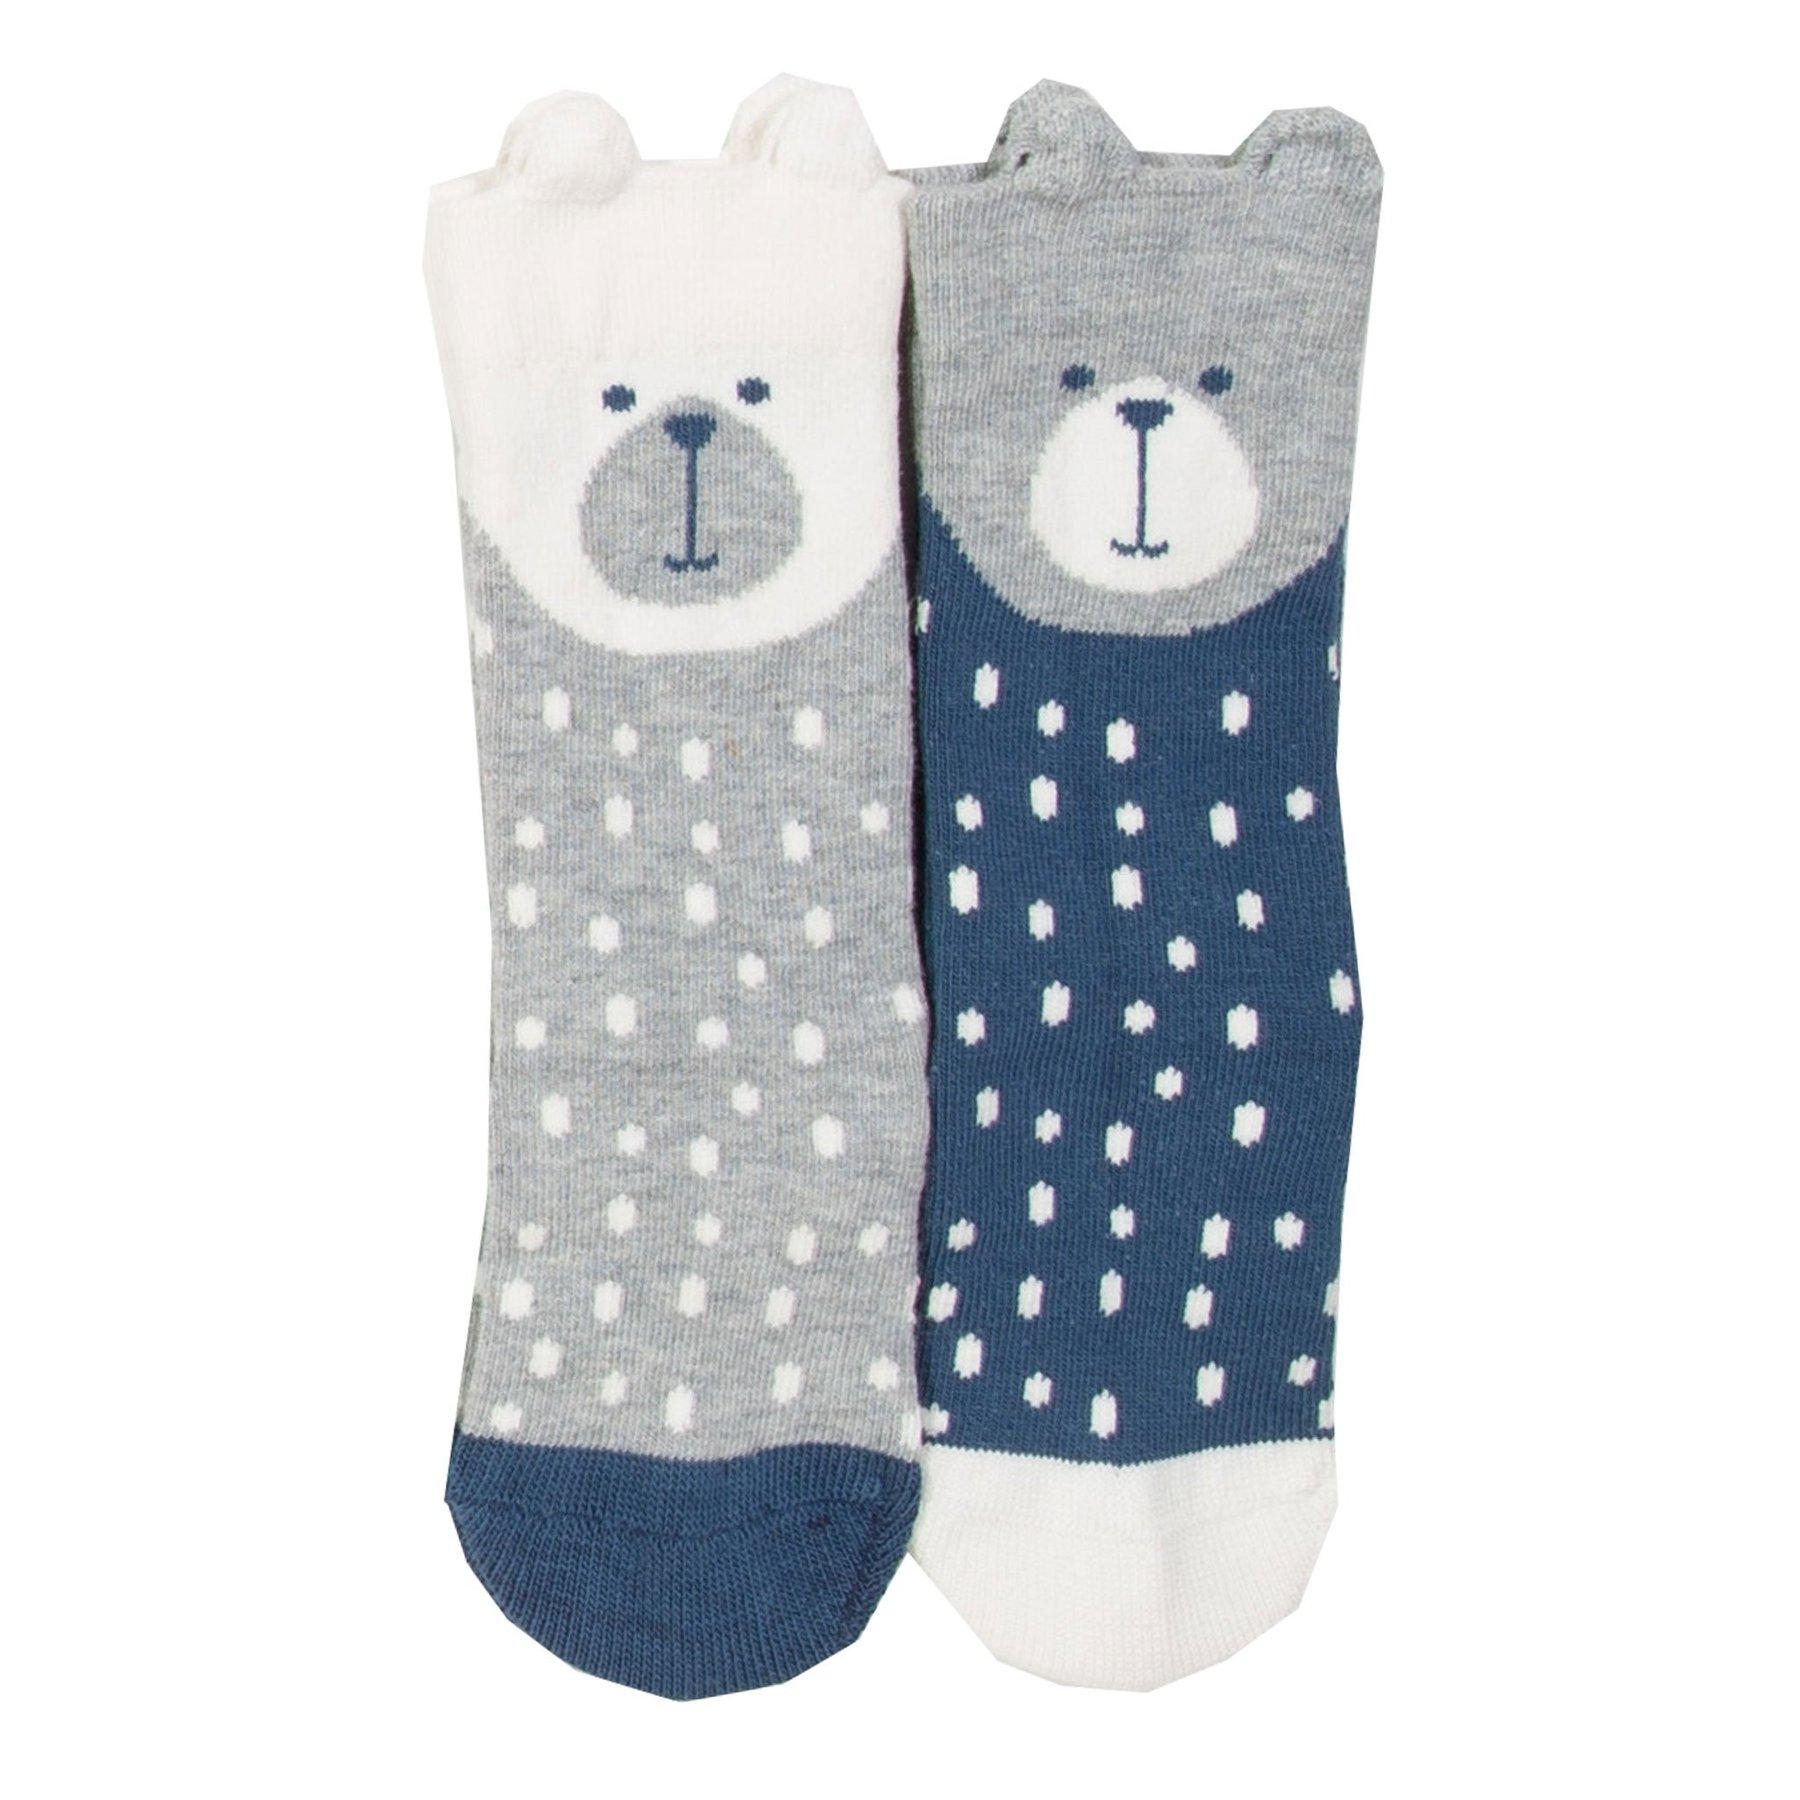 Kite 2 Pack Beary Socks